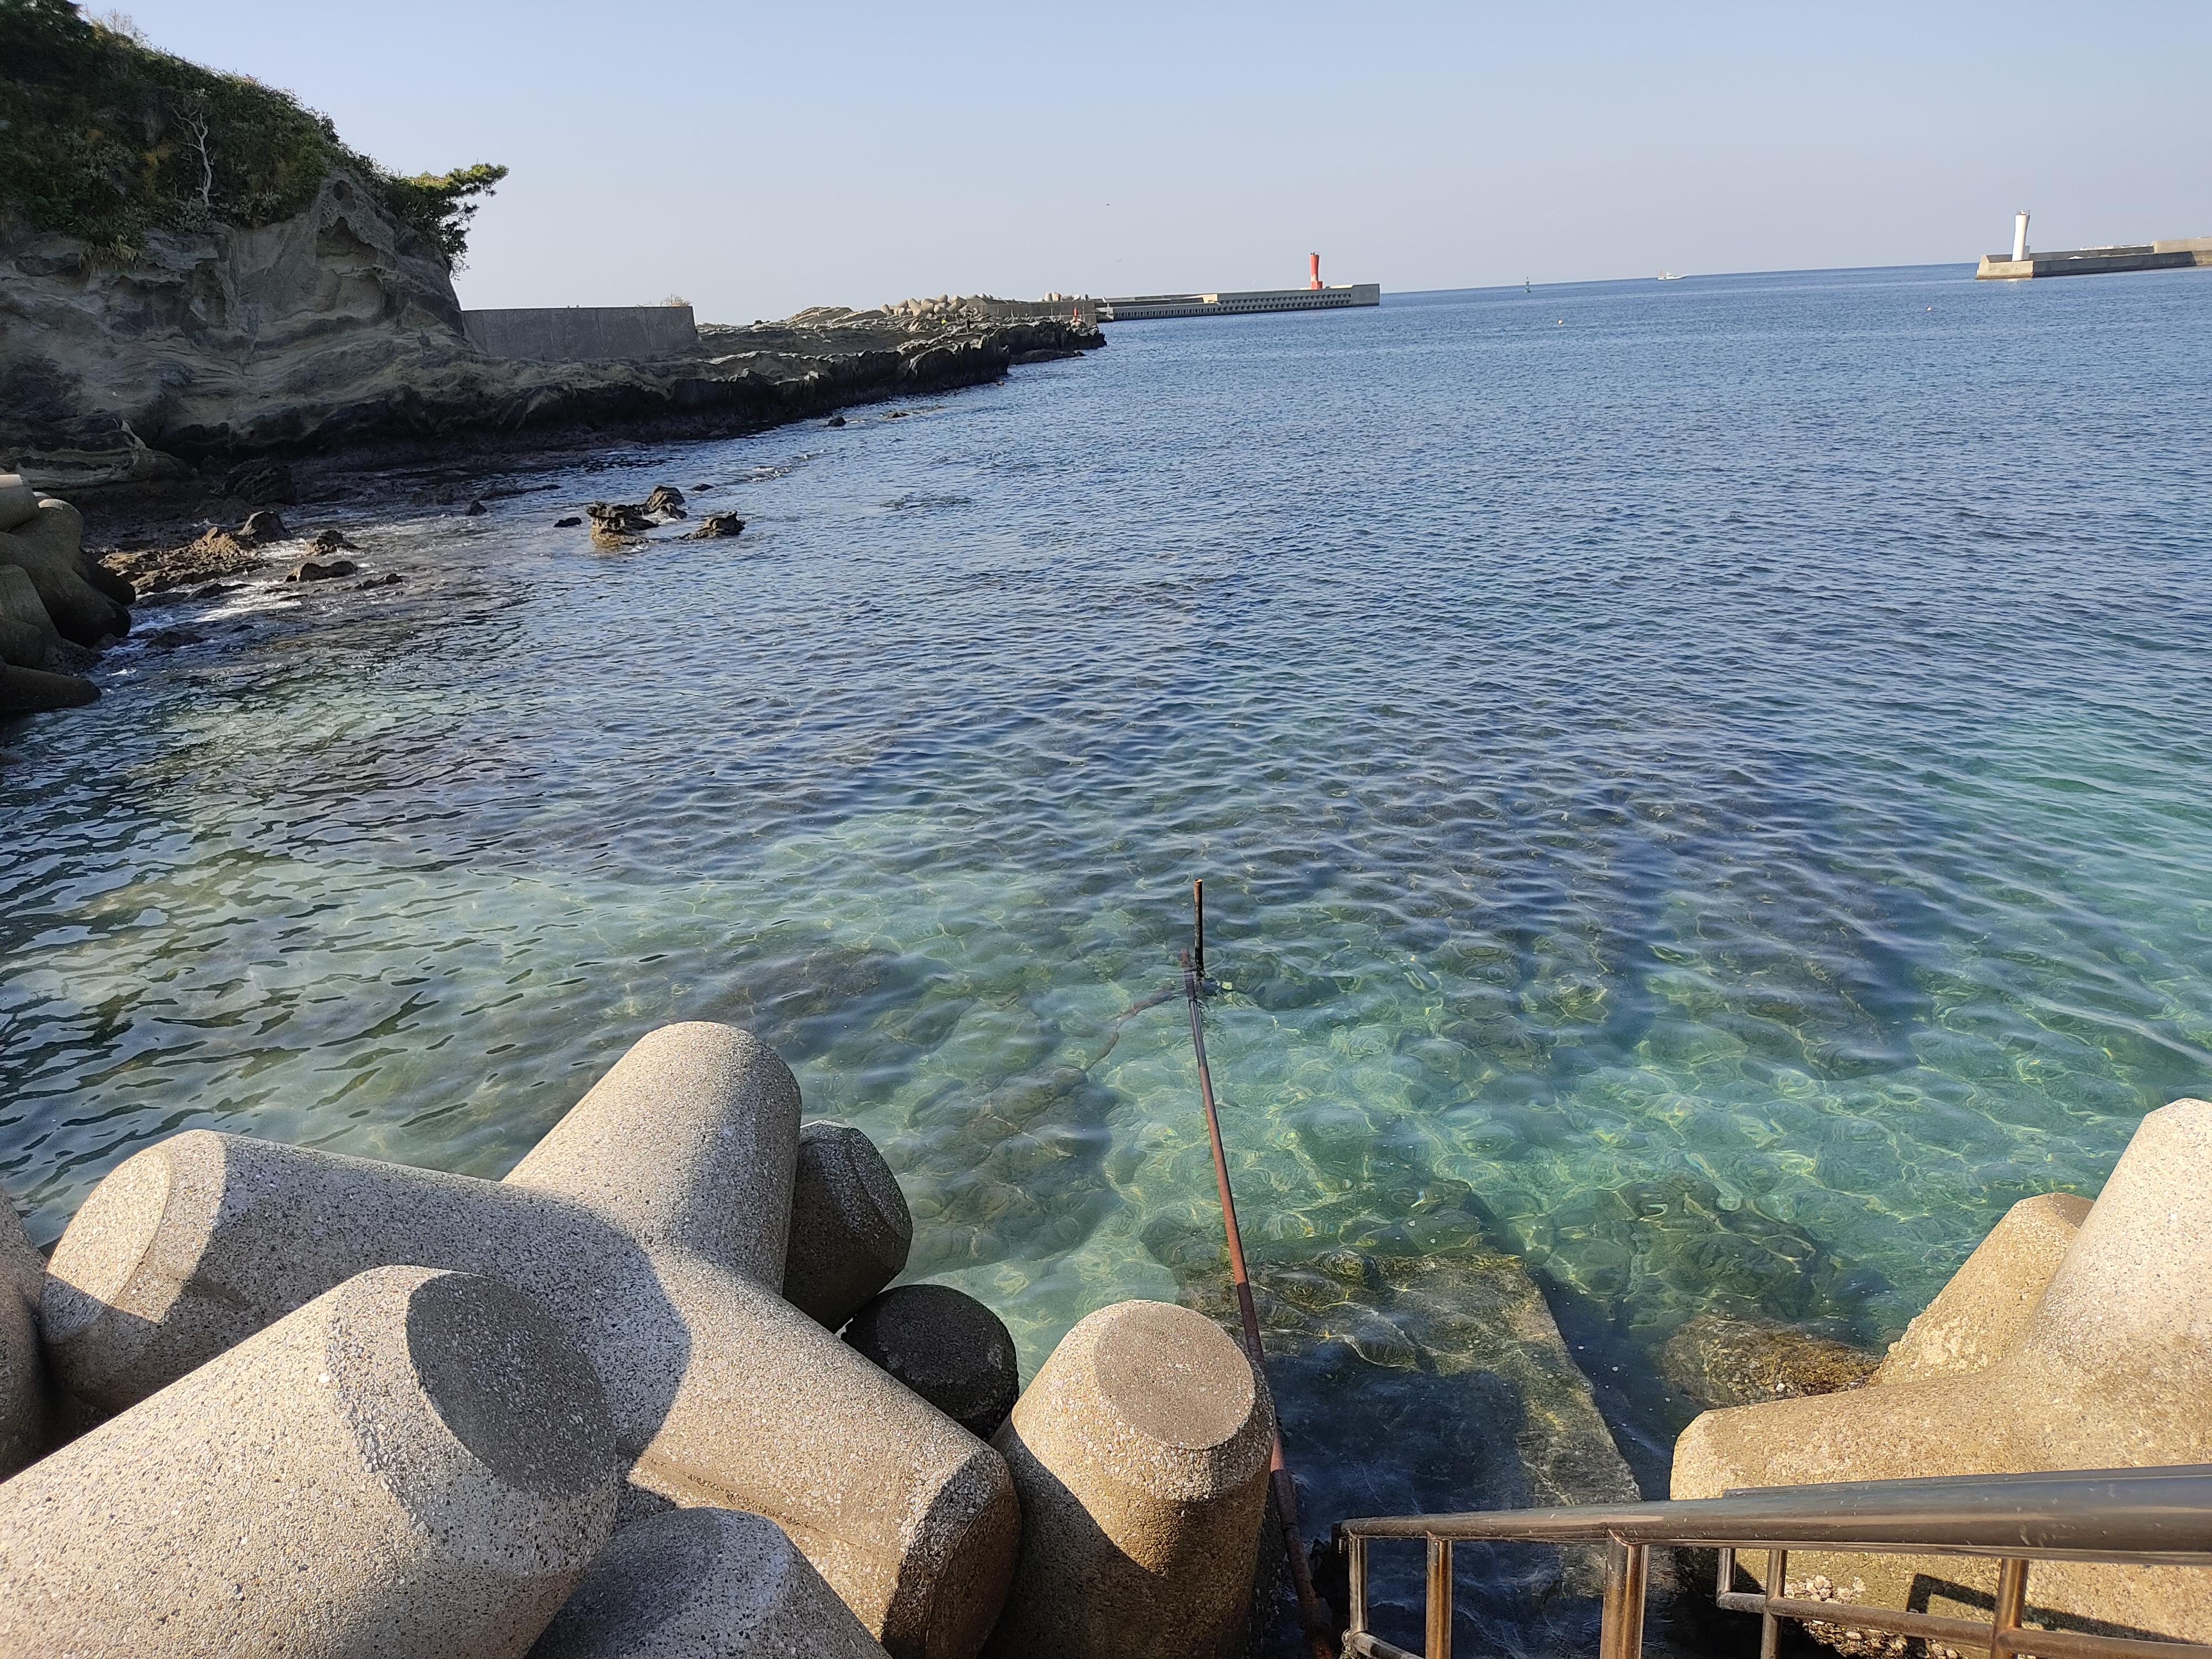 城ヶ島の海はかなり透き通ってます、ダイビングも多く行われてます